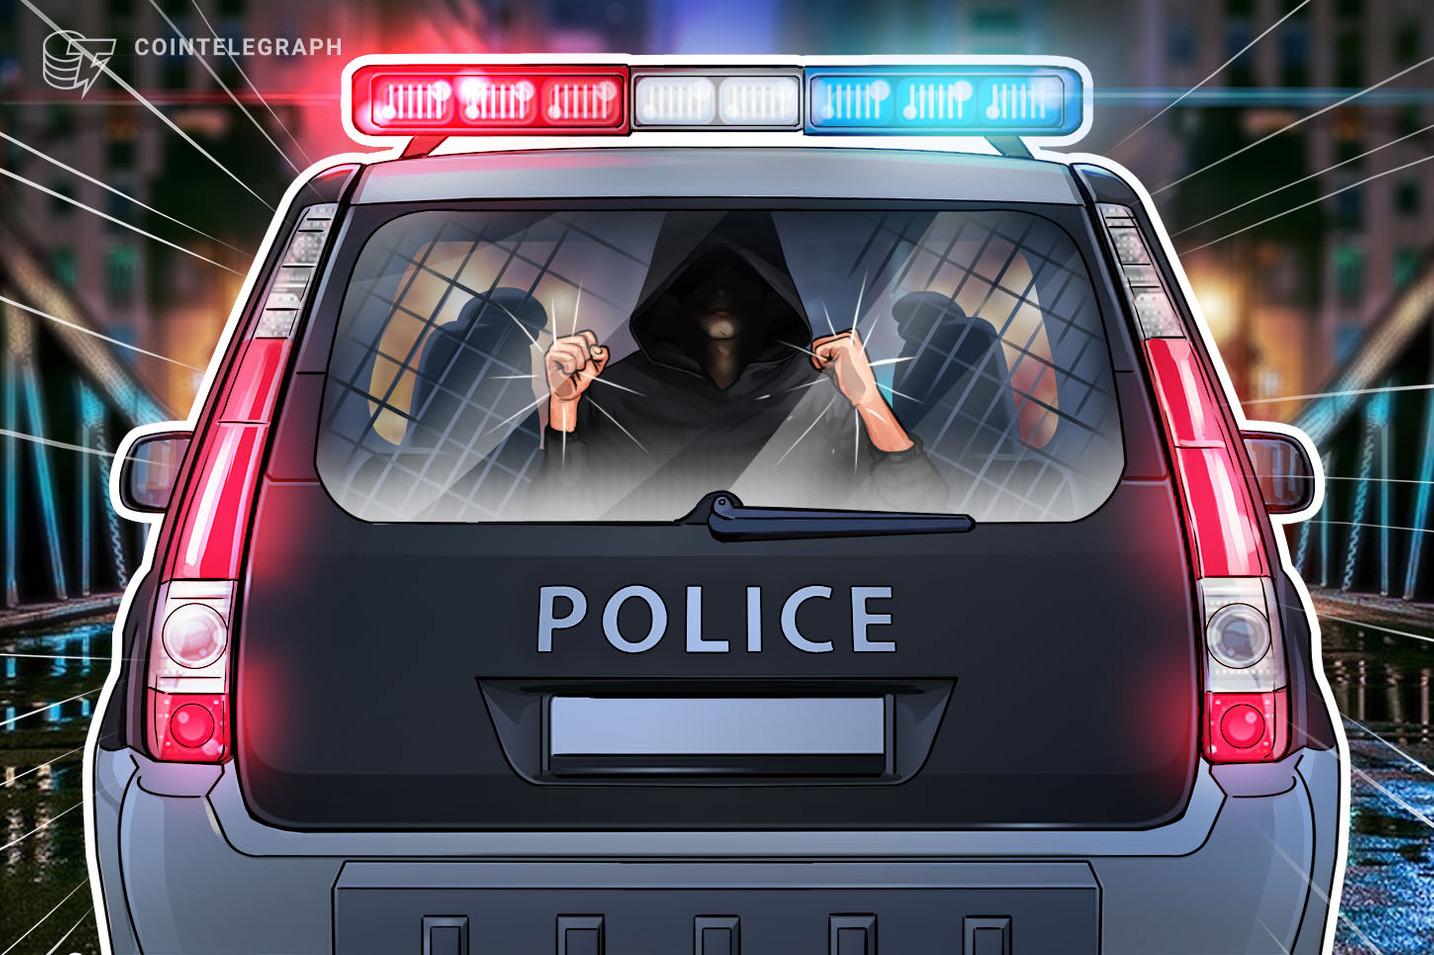 Polícia australiana apreende criptomoedas de casal flagrado com 55kg de MDMA